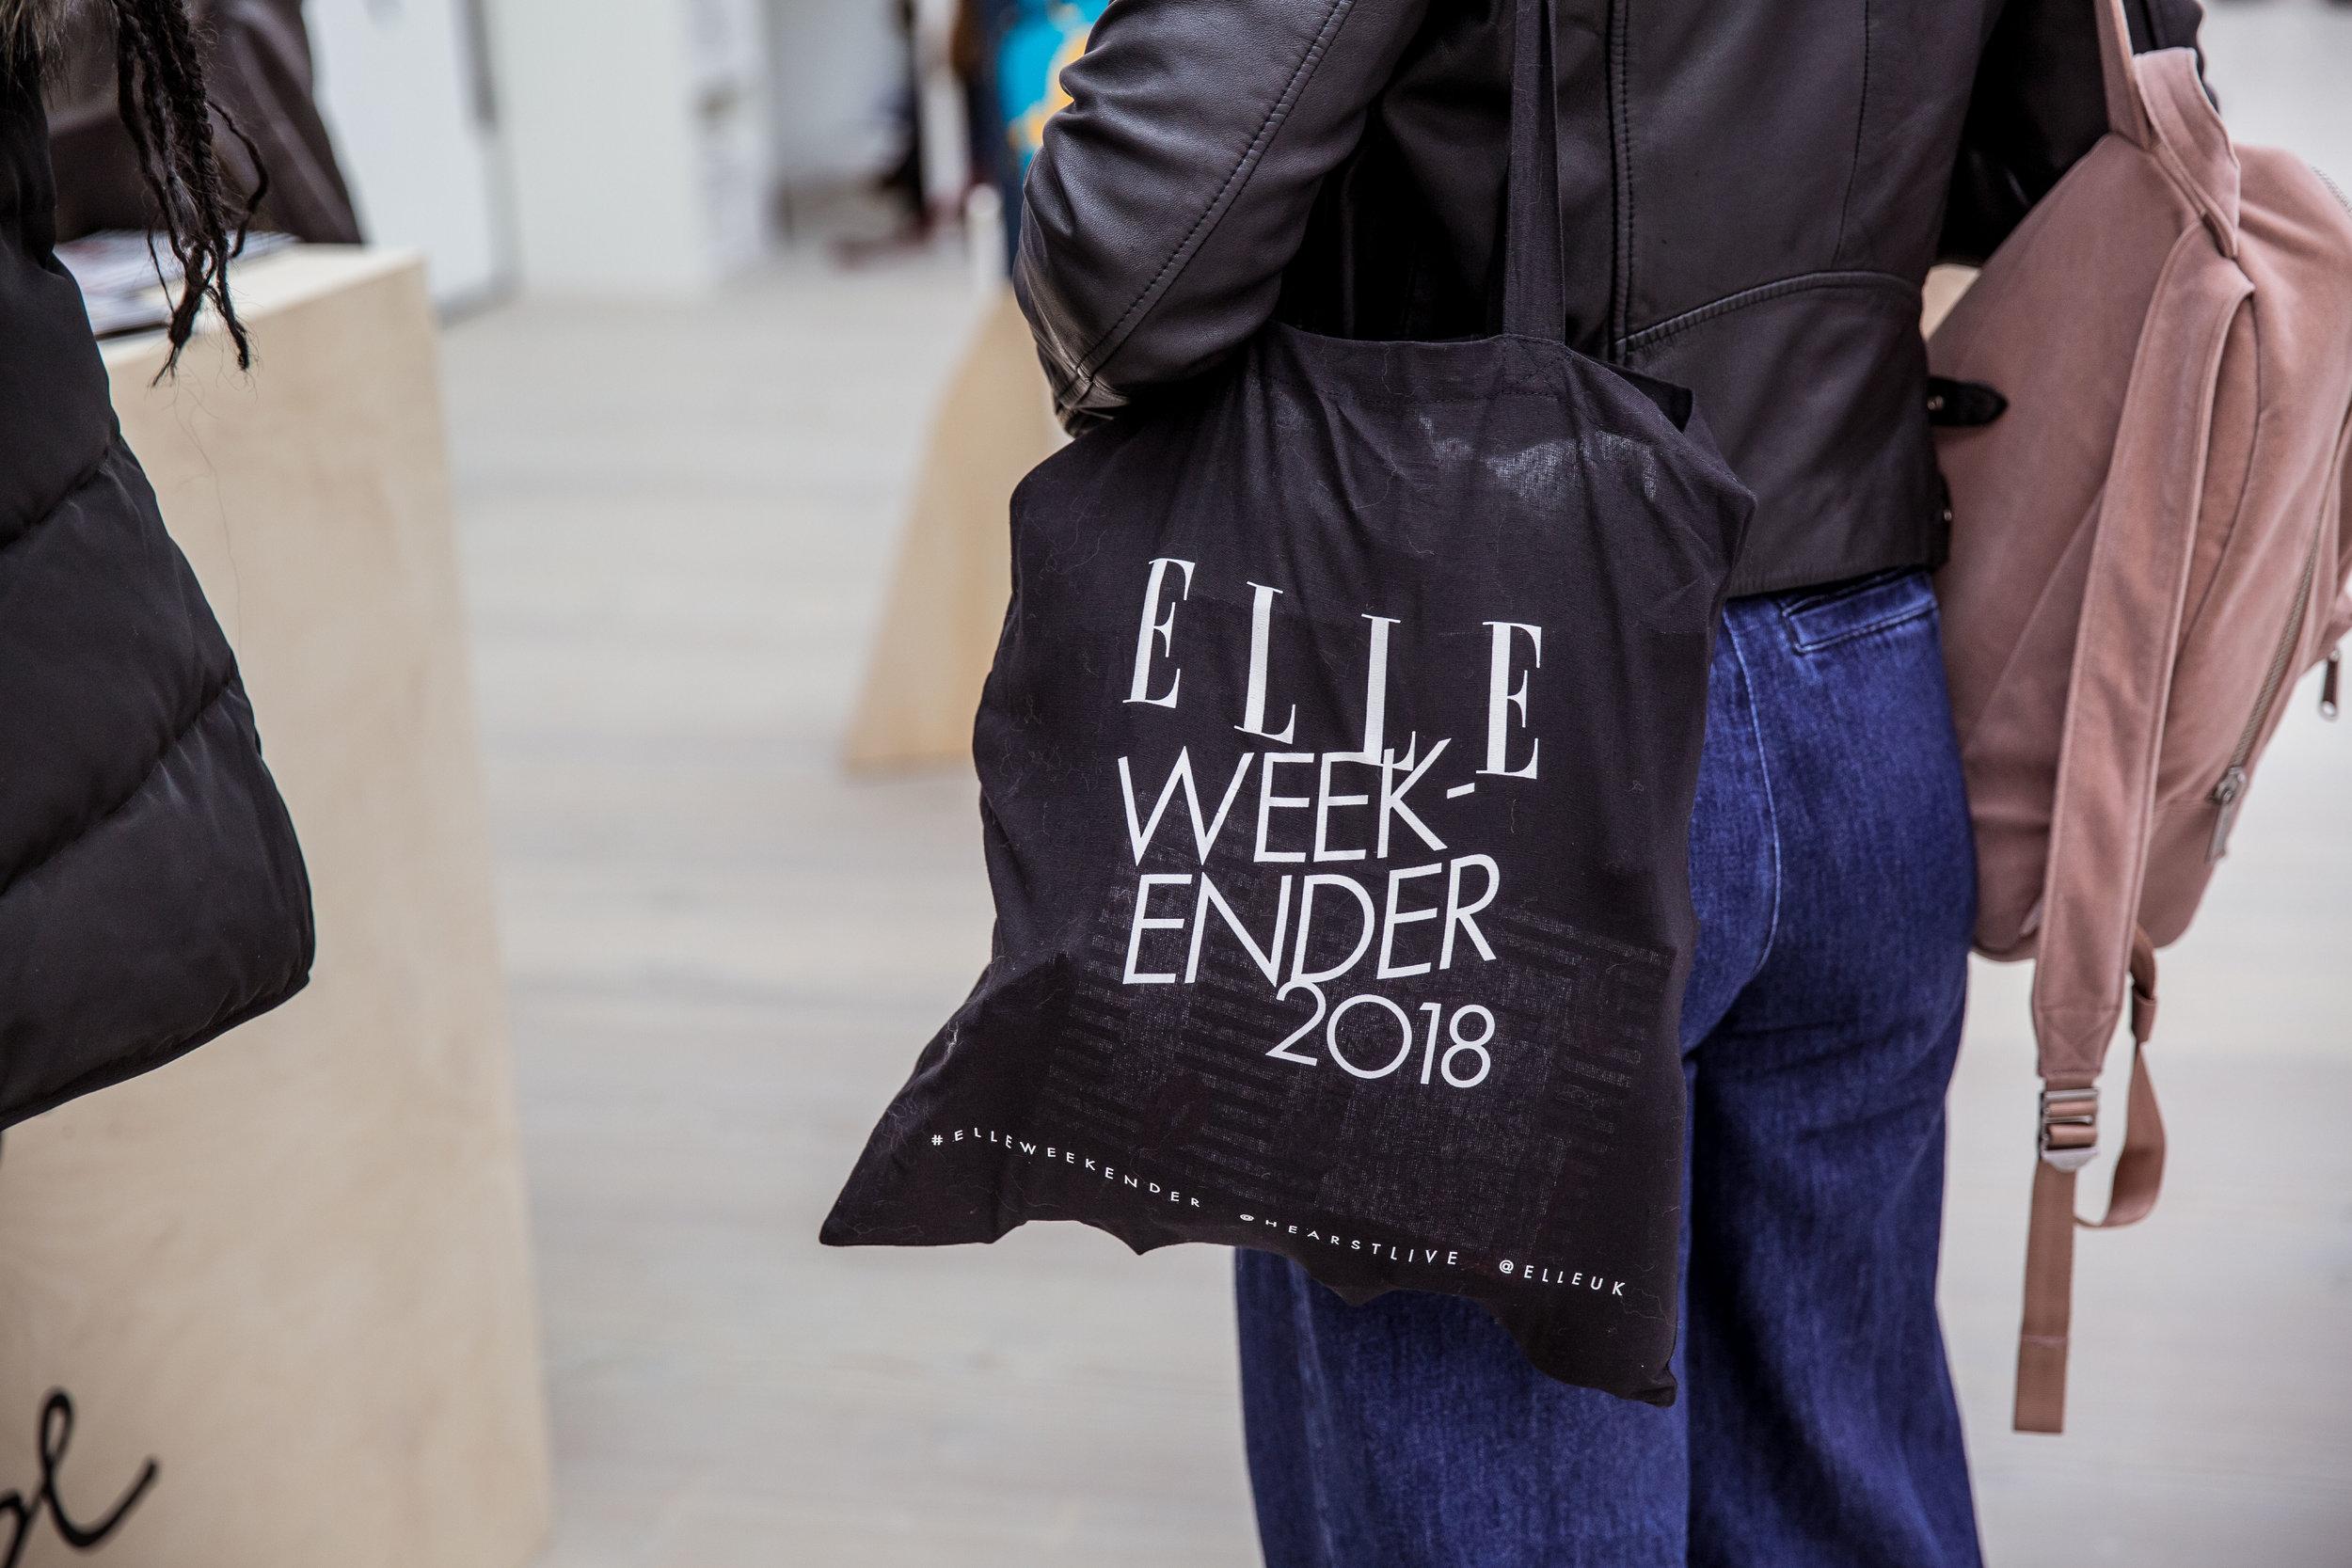 ElleWeekender2018 (26 of 29).JPG